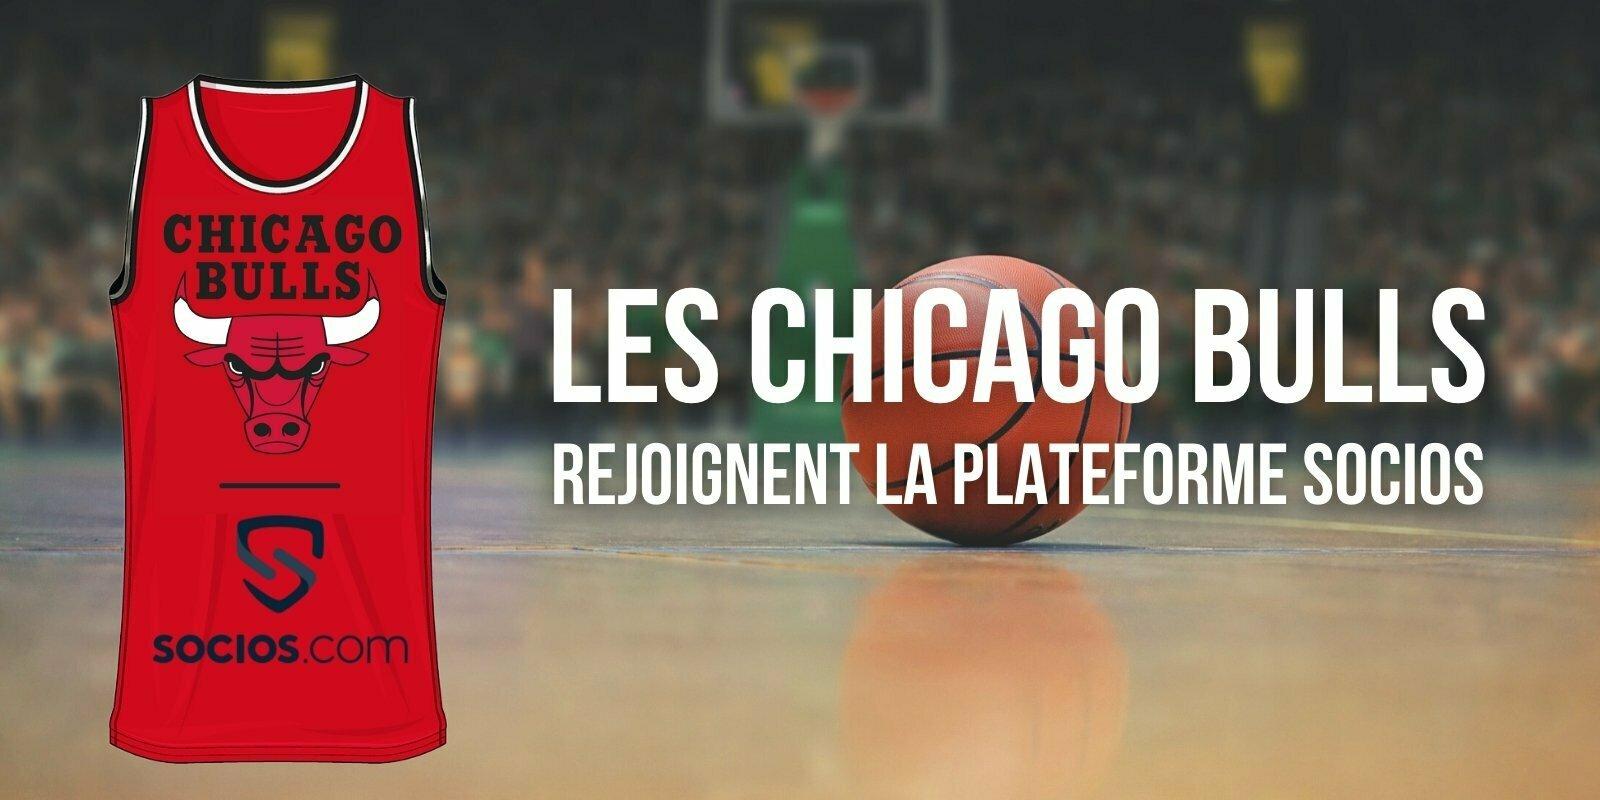 La franchise NBA des Chicago Bulls rejoint le réseau Socios.com